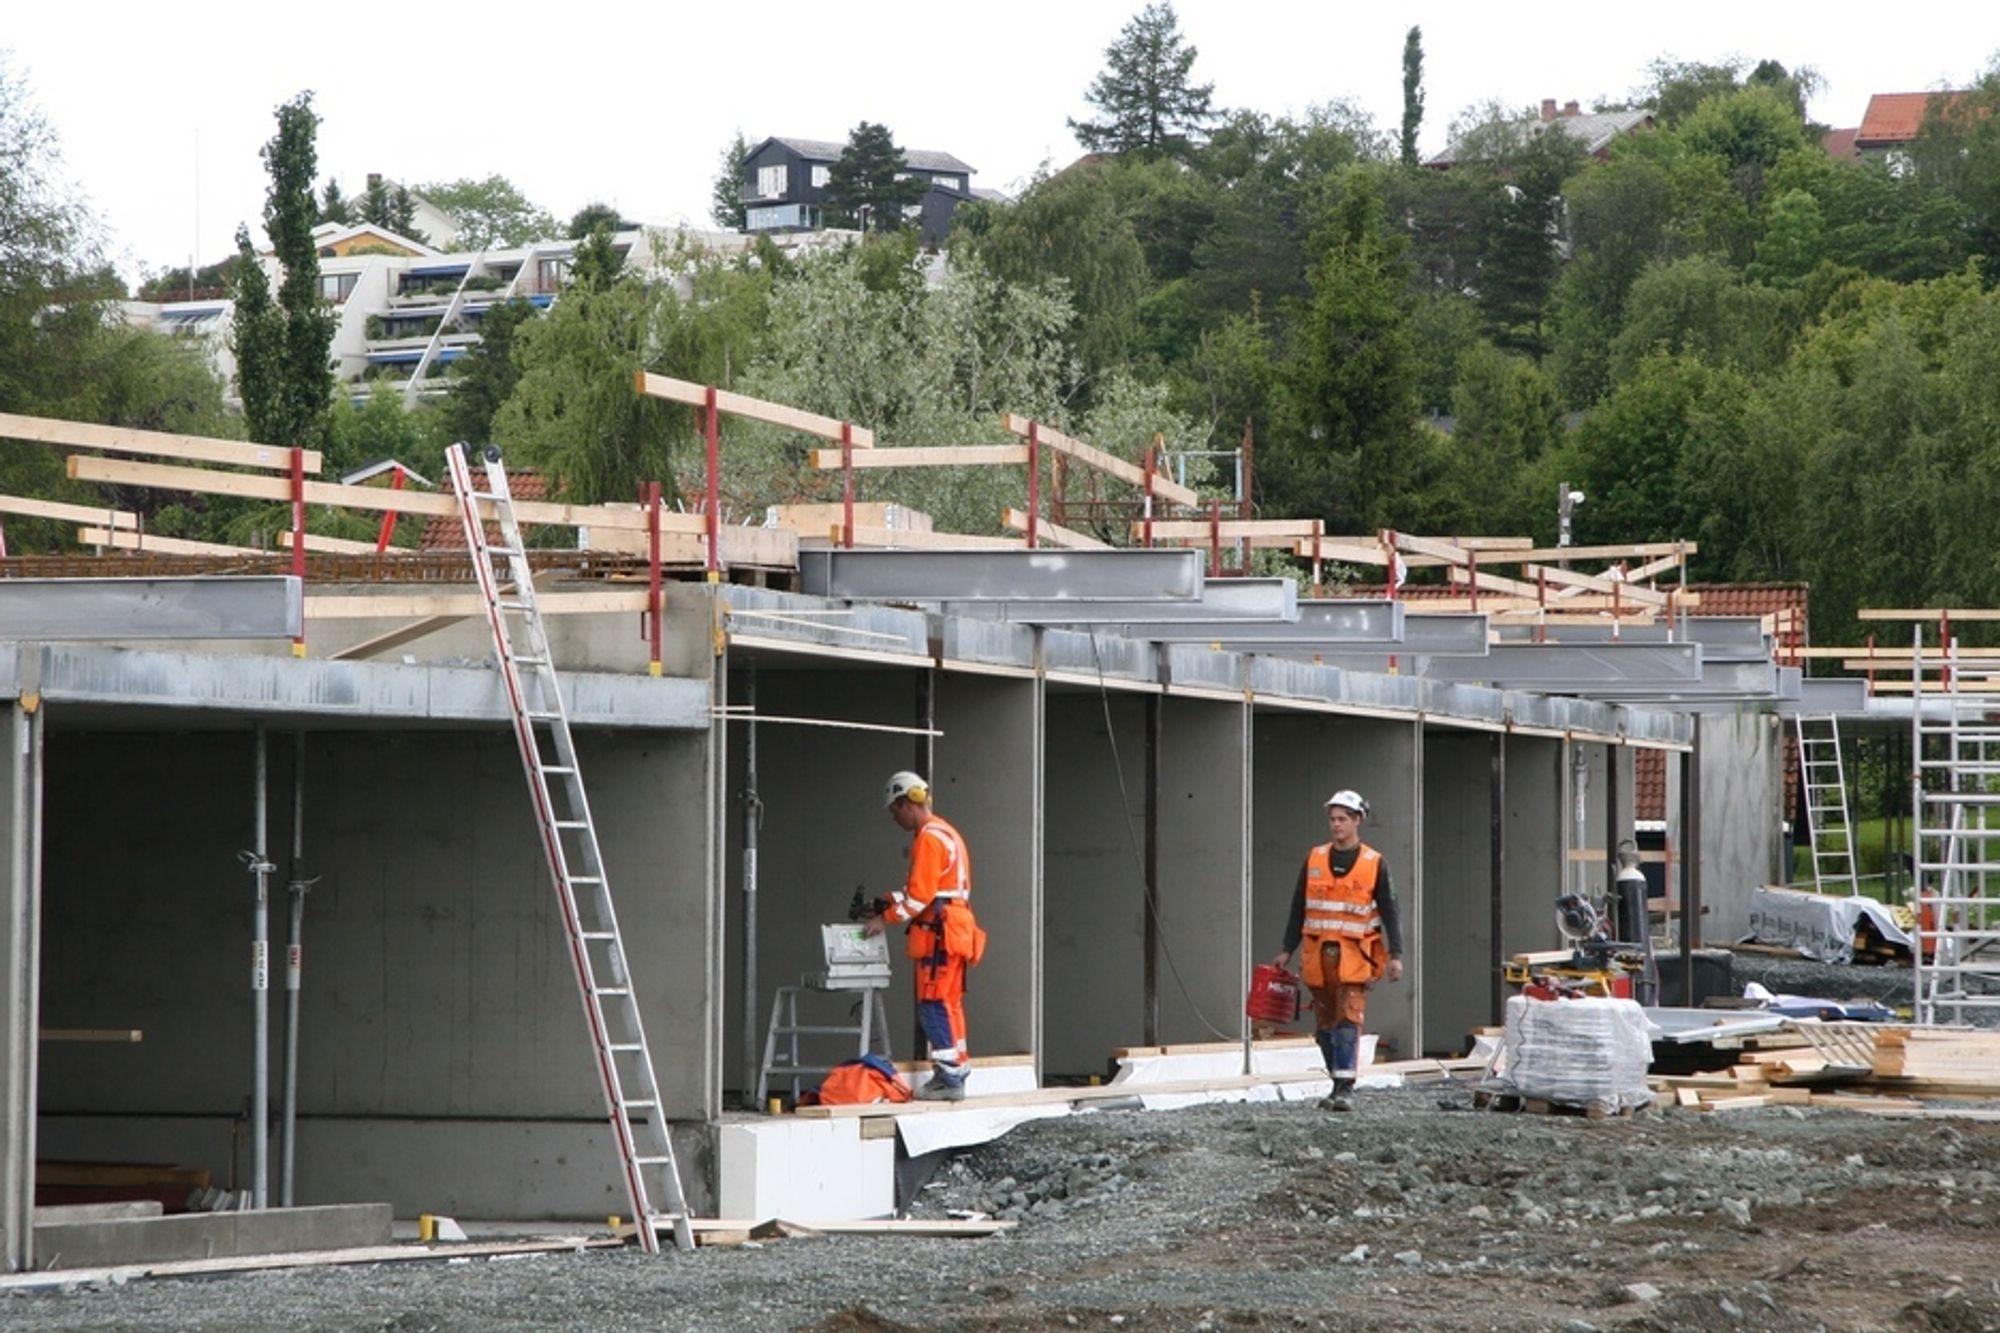 SPARSOMMELIG: I byggefasen ser Berg Studentby ut som et hvilket som helst byggebprosjekt - men det er det ikke. Her skal energibruken ned langt under kravene i TEK. Som seg hør og bør en studentby for sivilingeniører.